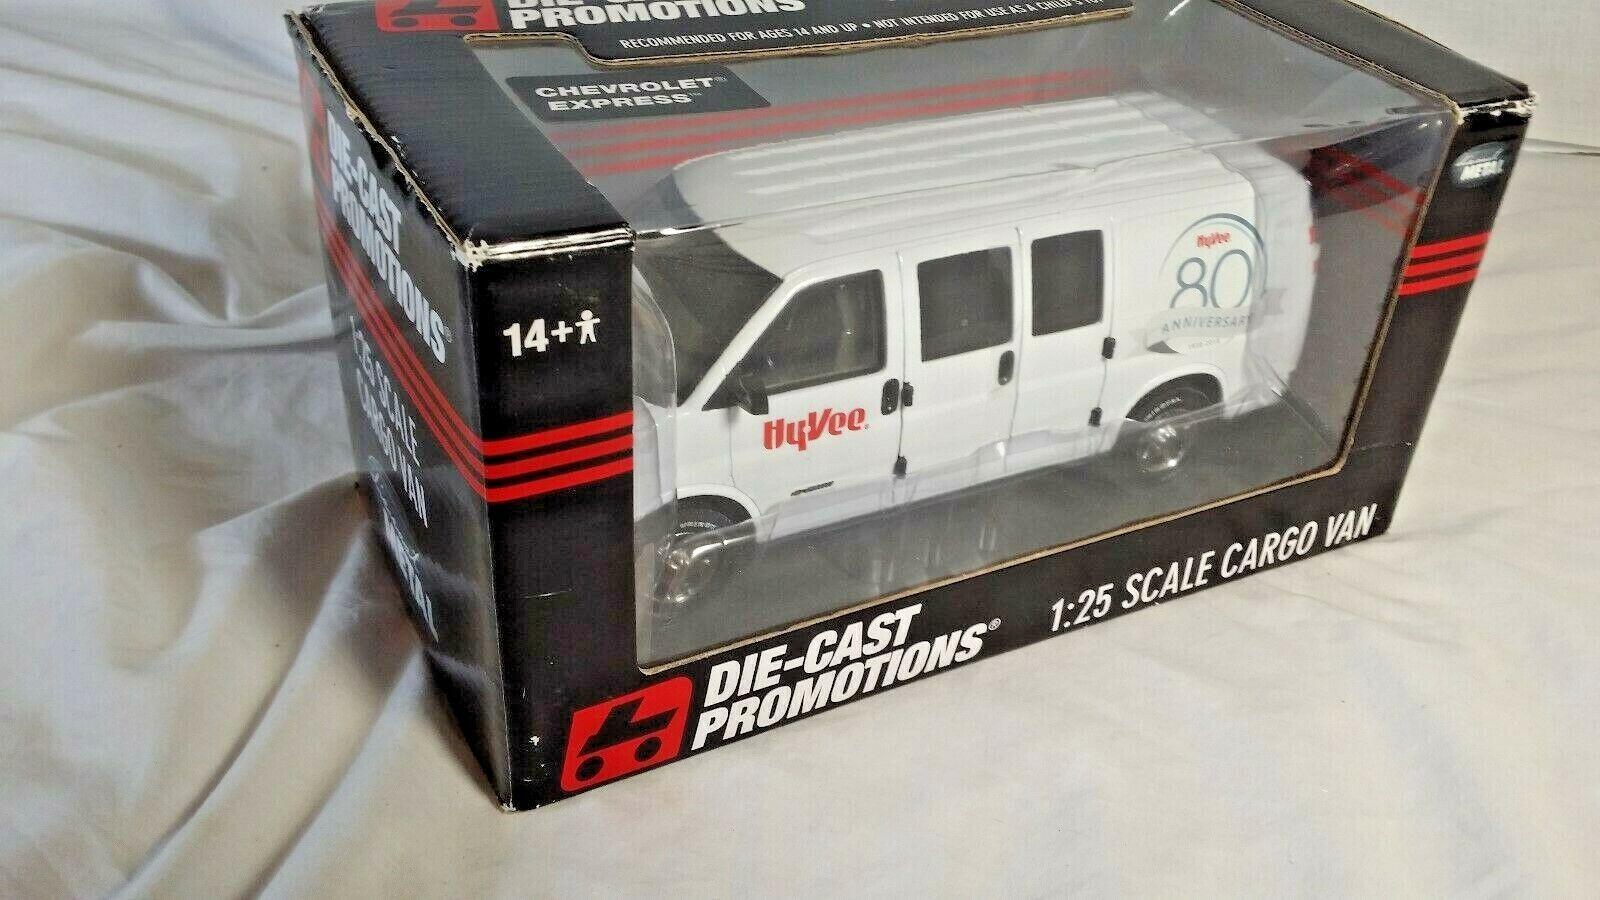 Ertl Die Cast Promotions 2010 hyvee 80th aniversario GM Chevy 2500 trabajo van 1 25